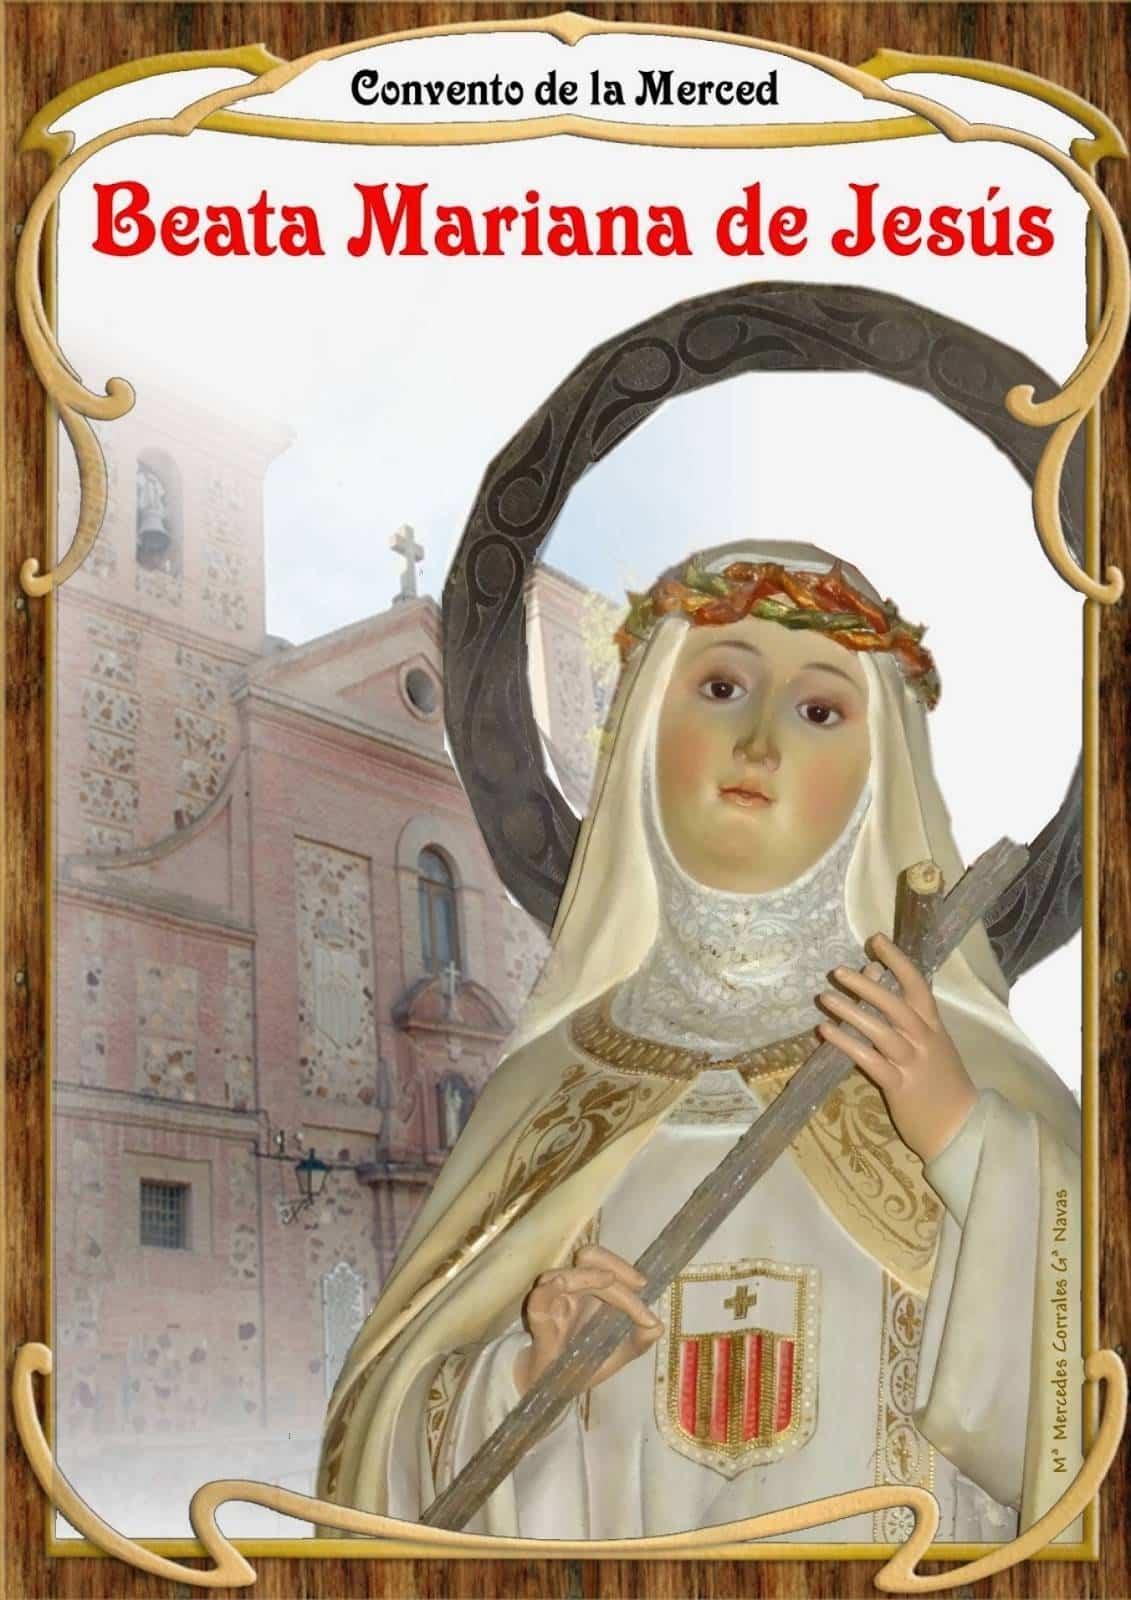 Beata Mariana de Jesus Herencia - Peregrinación jubilar mercedaria del barrio de la Labradora